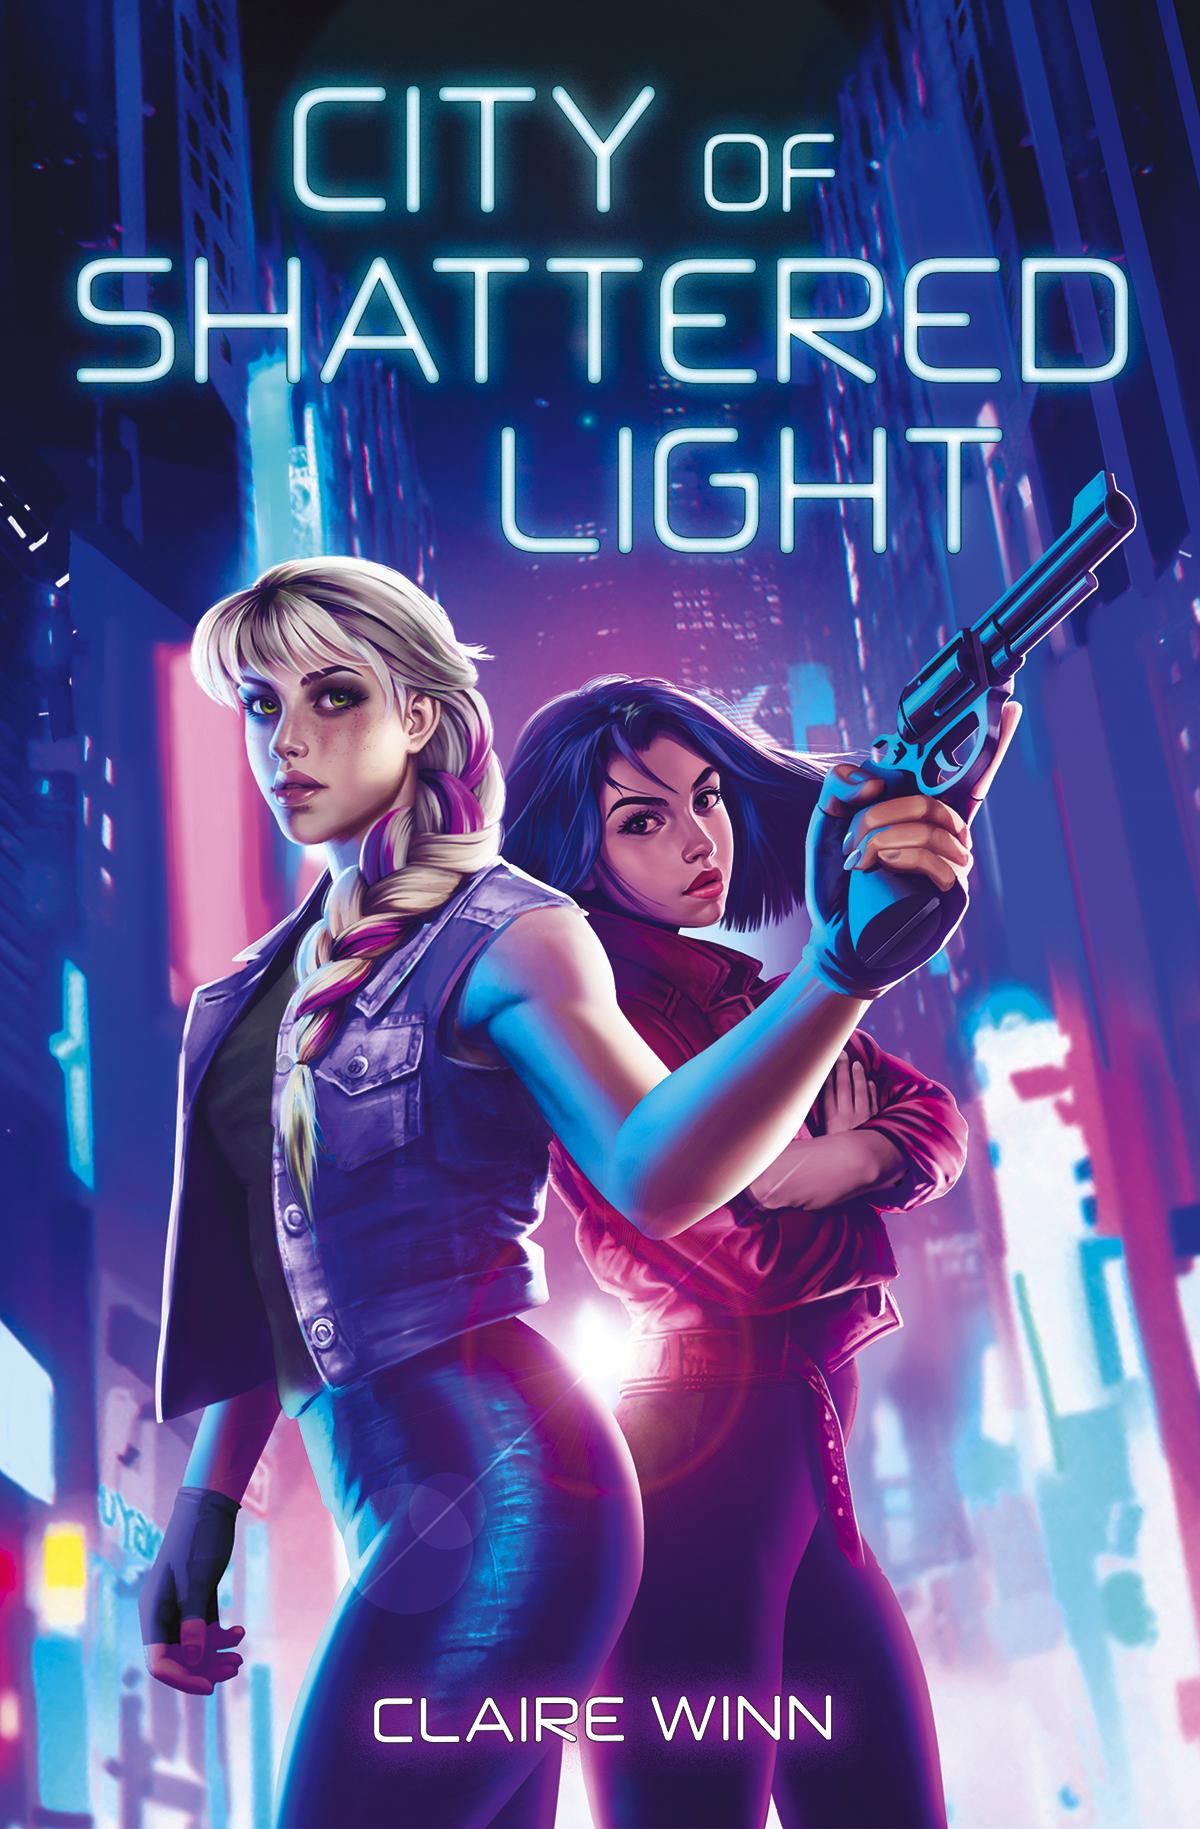 City of Shattered Light